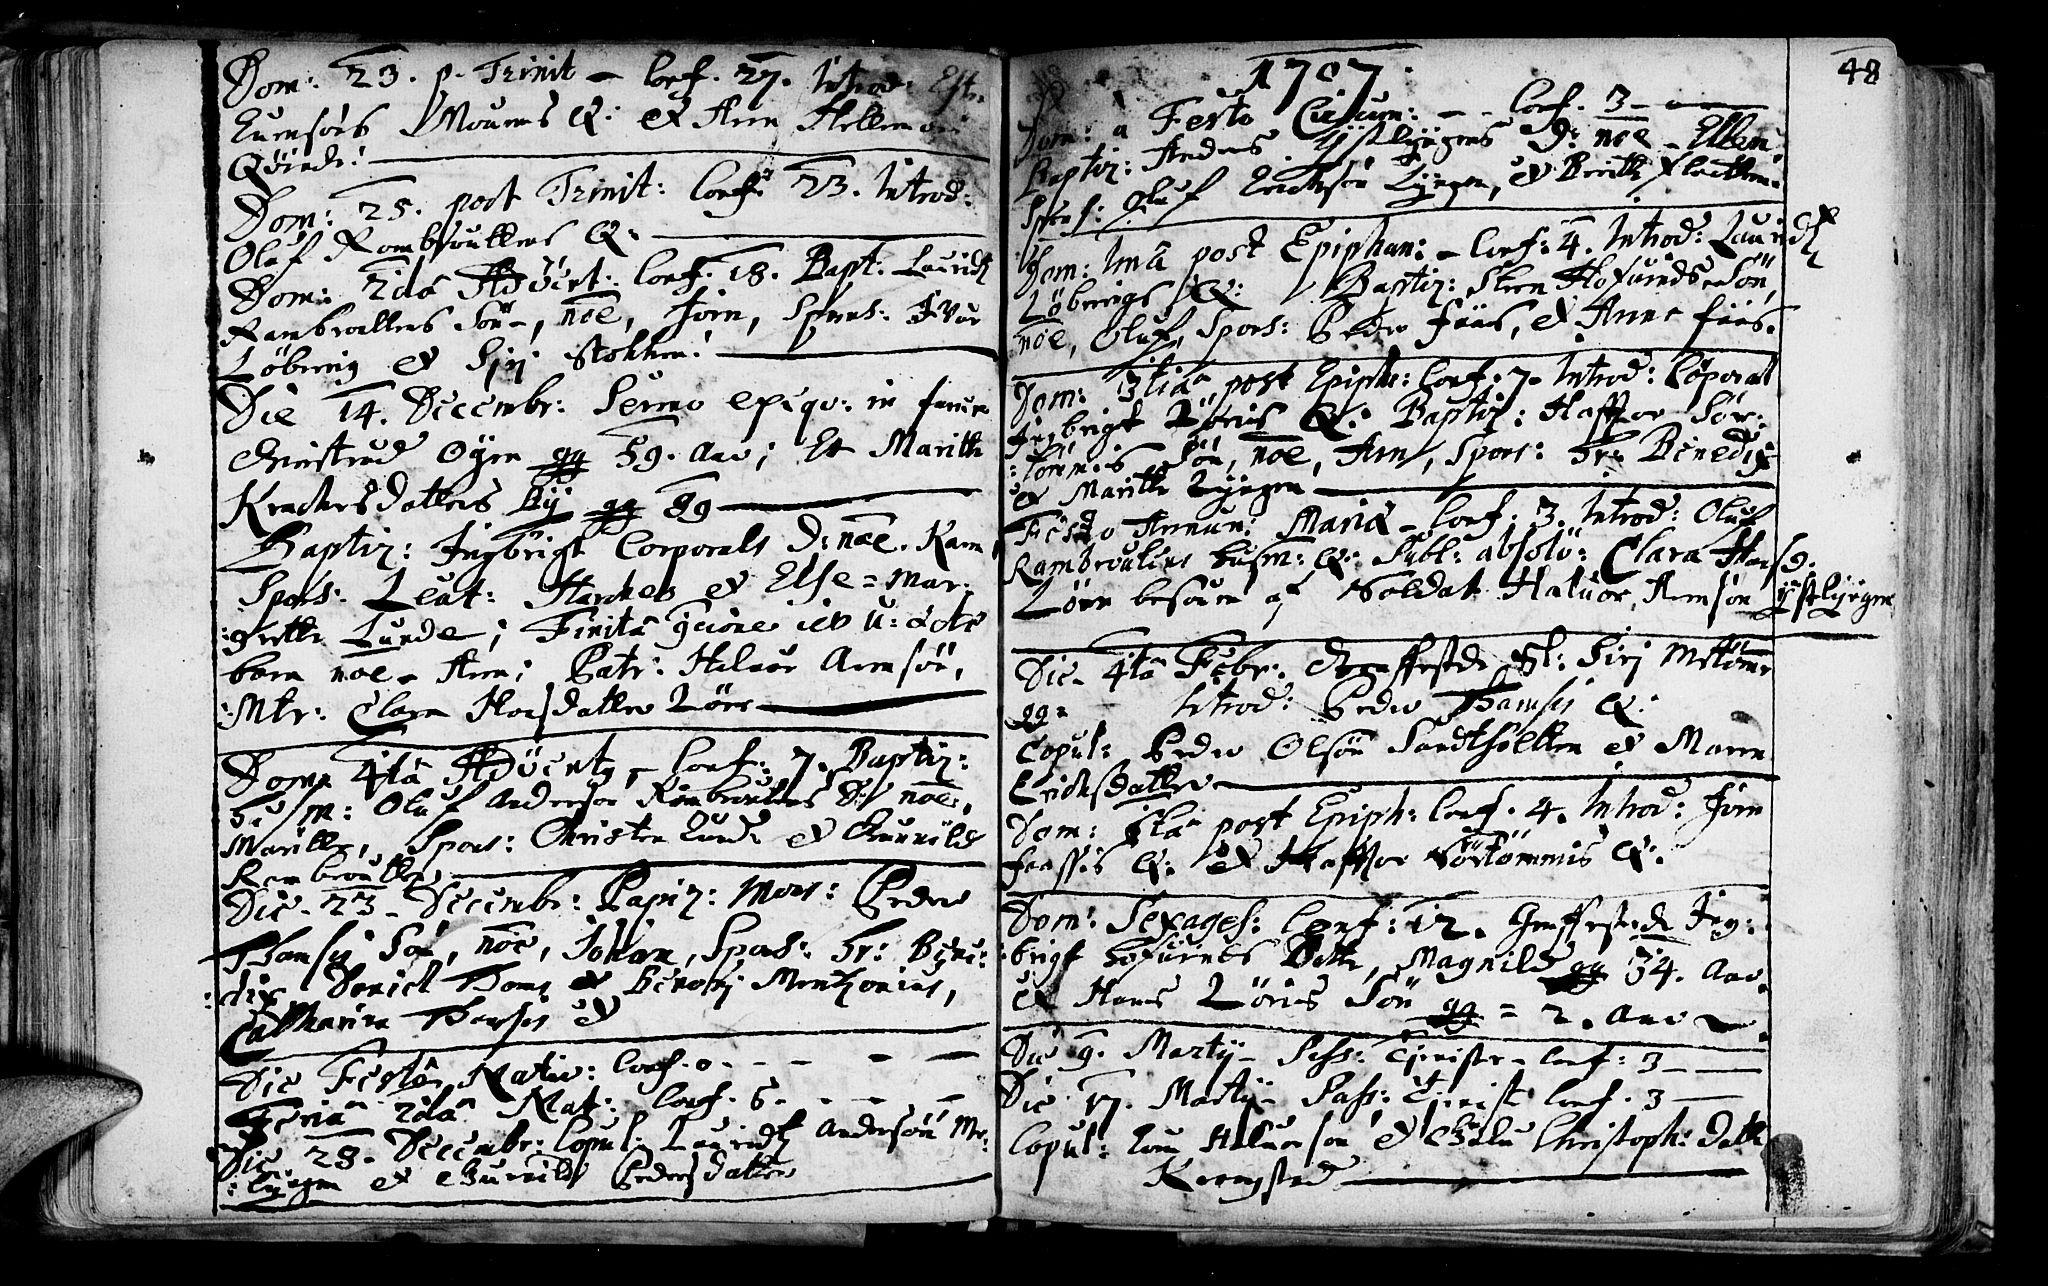 SAT, Ministerialprotokoller, klokkerbøker og fødselsregistre - Sør-Trøndelag, 692/L1101: Ministerialbok nr. 692A01, 1690-1746, s. 48